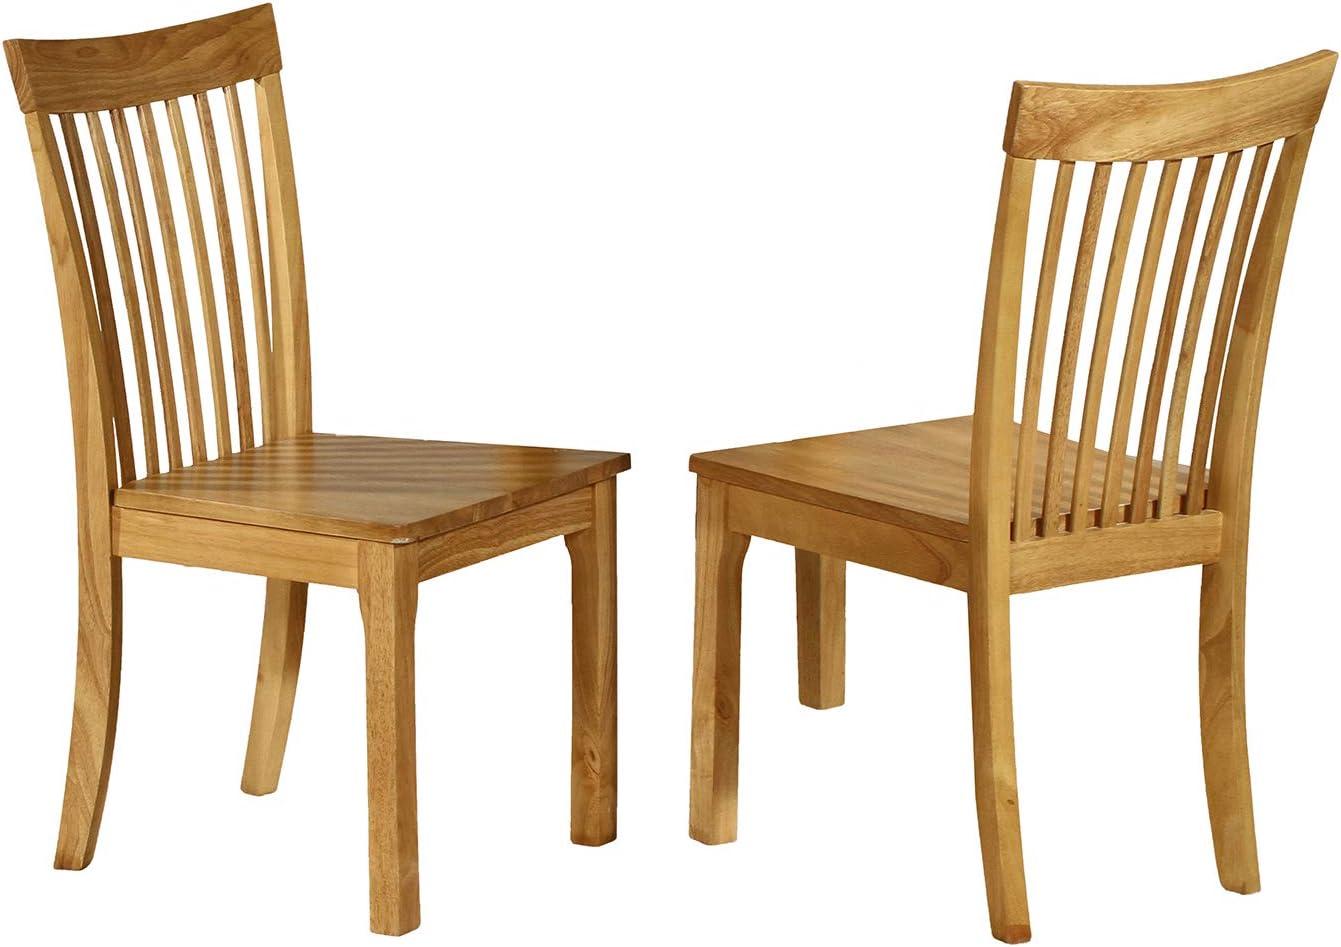 期間限定お試し価格 Kings Brand Furniture 供え - Kurmer Solid Chair Dining Room Wood Side